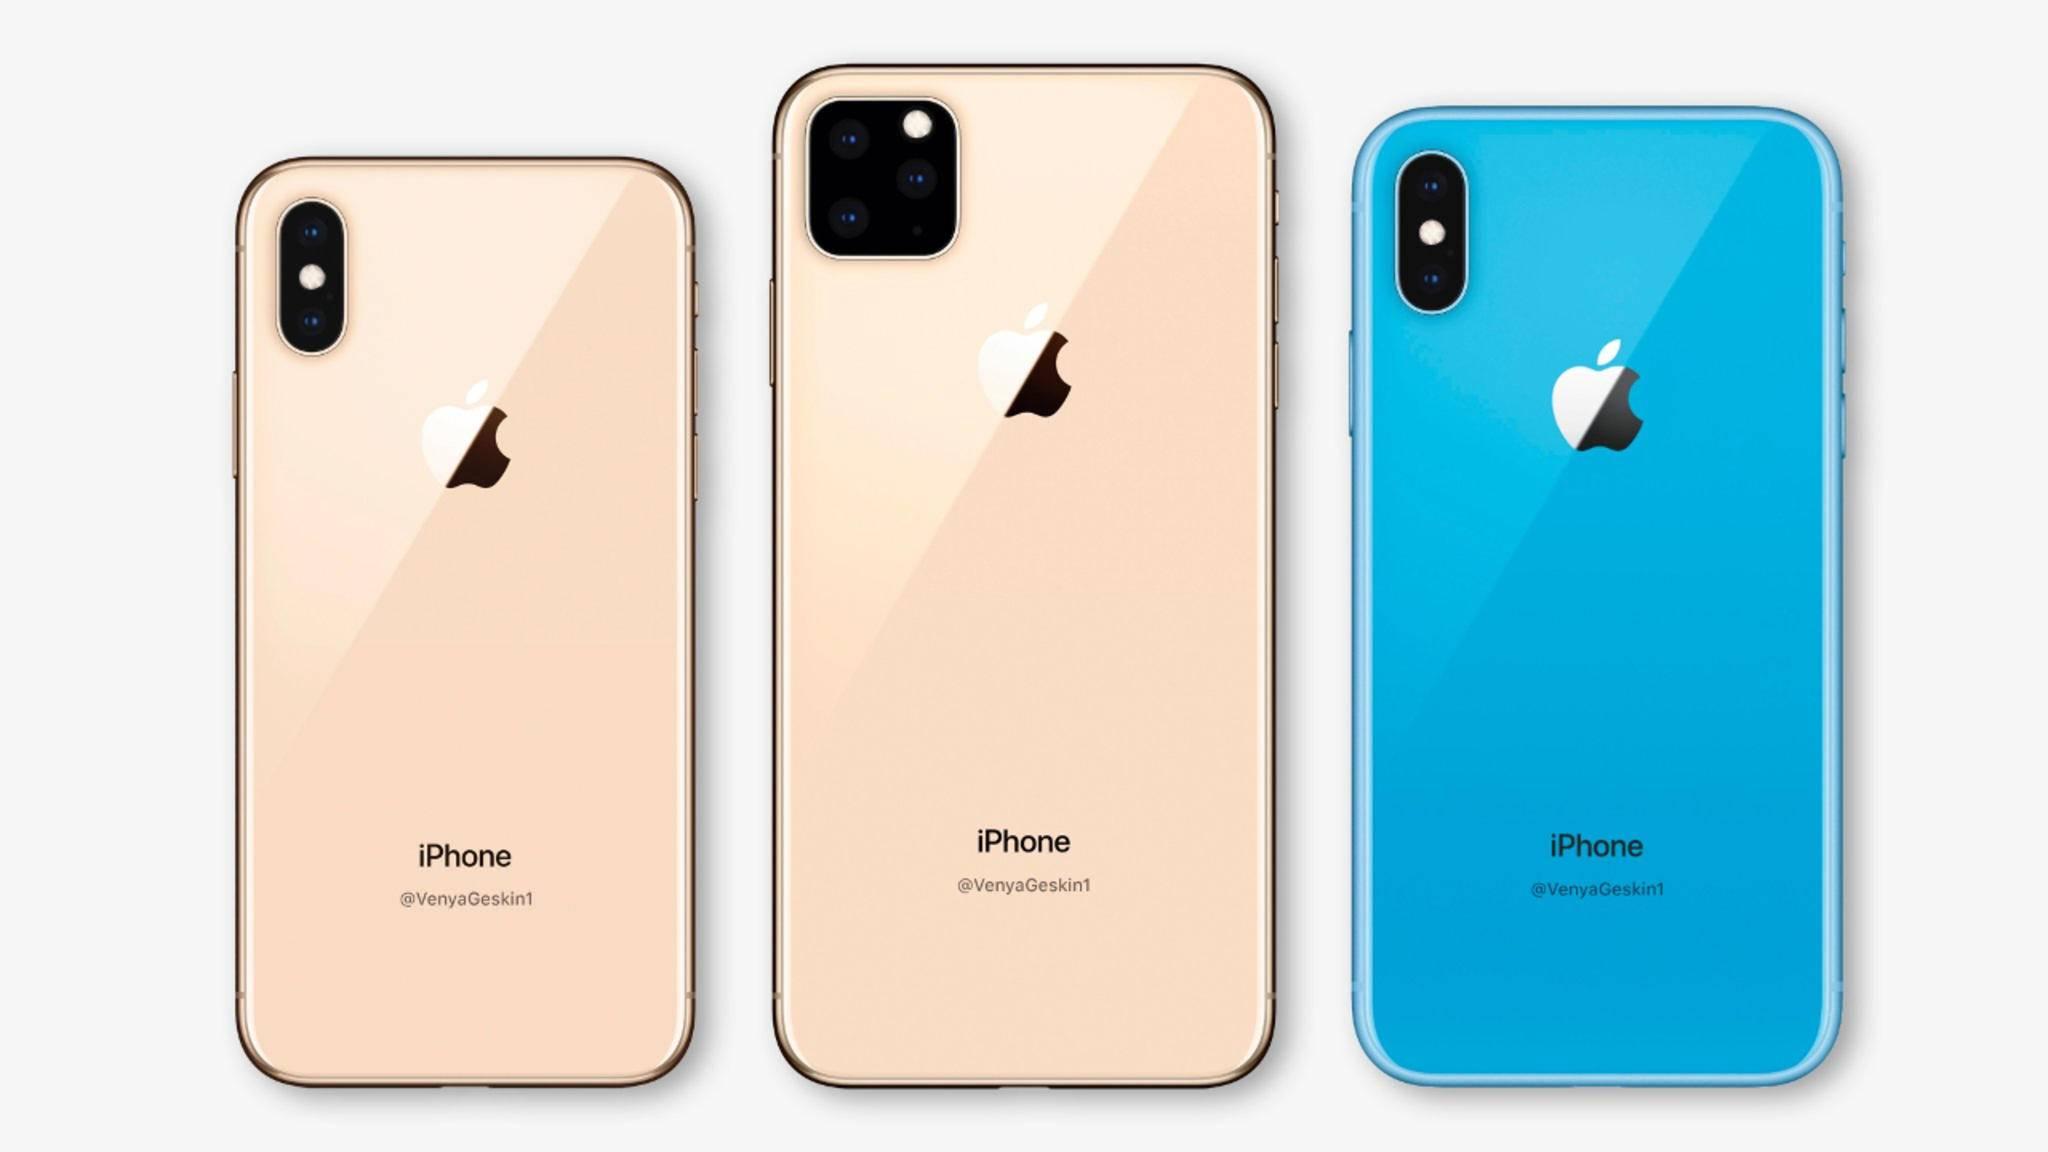 Erste Render-Designer machen sich schon jetzt Gedanken über das iPhone 2019.